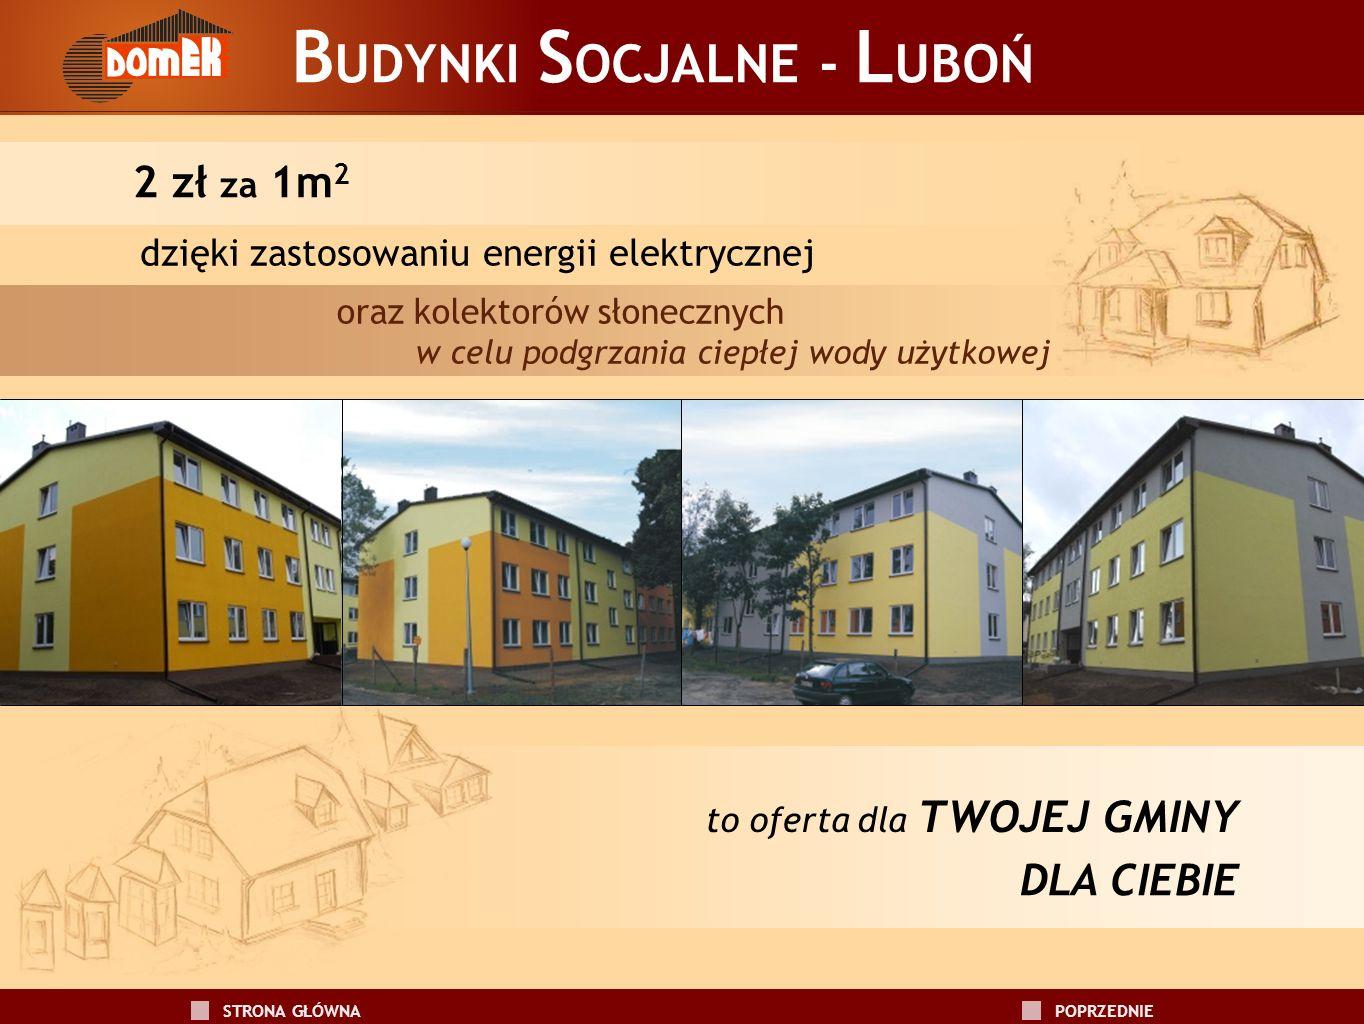 B UDYNKI S OCJALNE - L UBOŃ 2 zł za 1m 2 dzięki zastosowaniu energii elektrycznej oraz kolektorów słonecznych w celu podgrzania ciepłej wody użytkowej